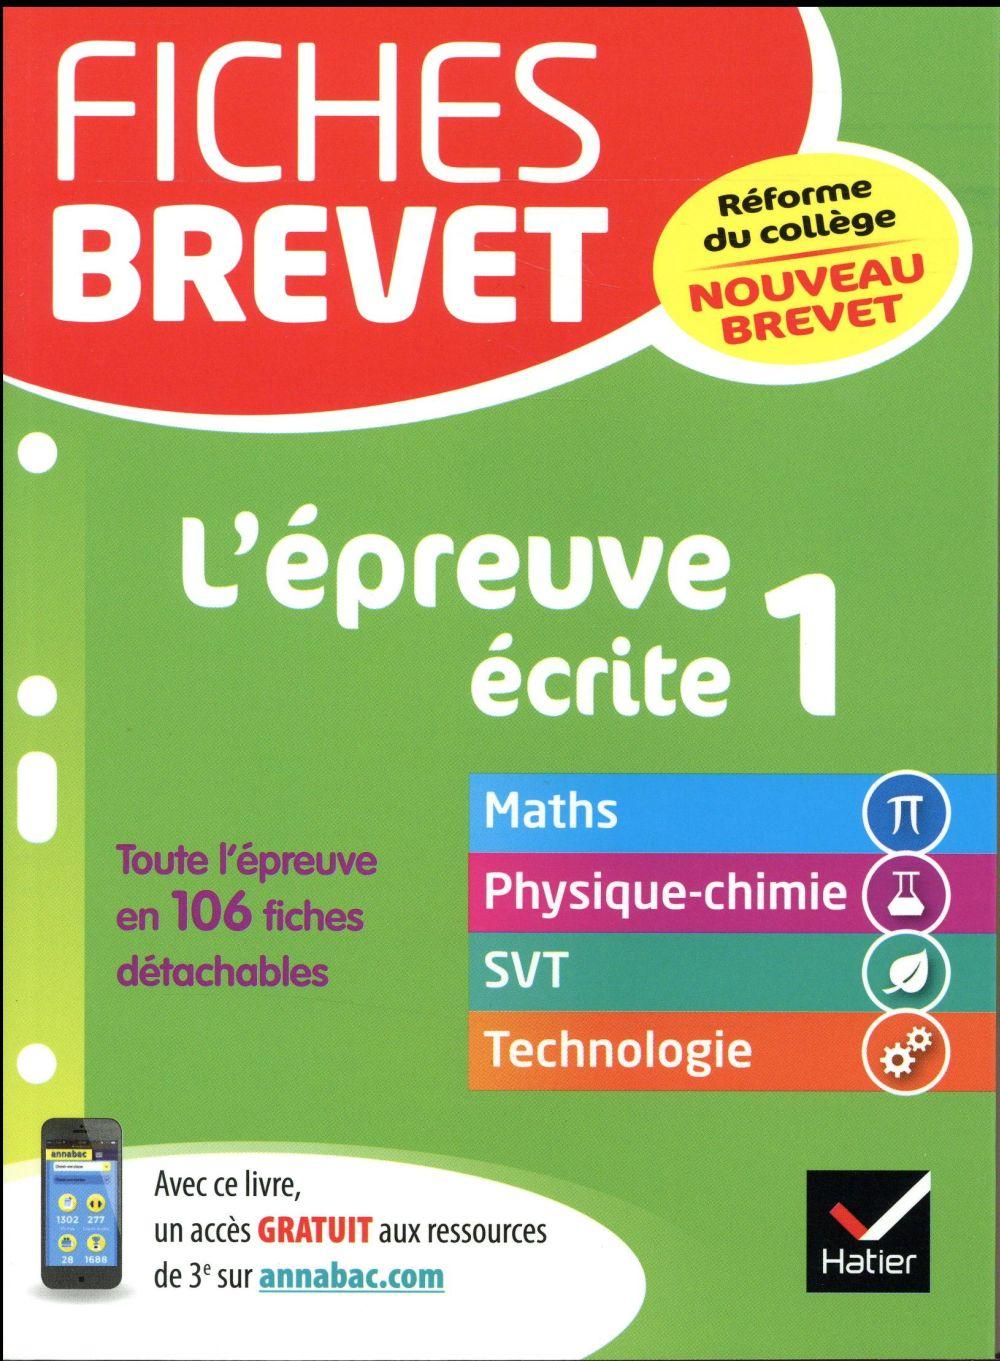 FICHES BREVET L'EPREUVE ECRITE 1 - FICHES DE REVISION EN MATHS, PHYSIQUE-CHIMIE, SVT ET TECHNOLOGIE